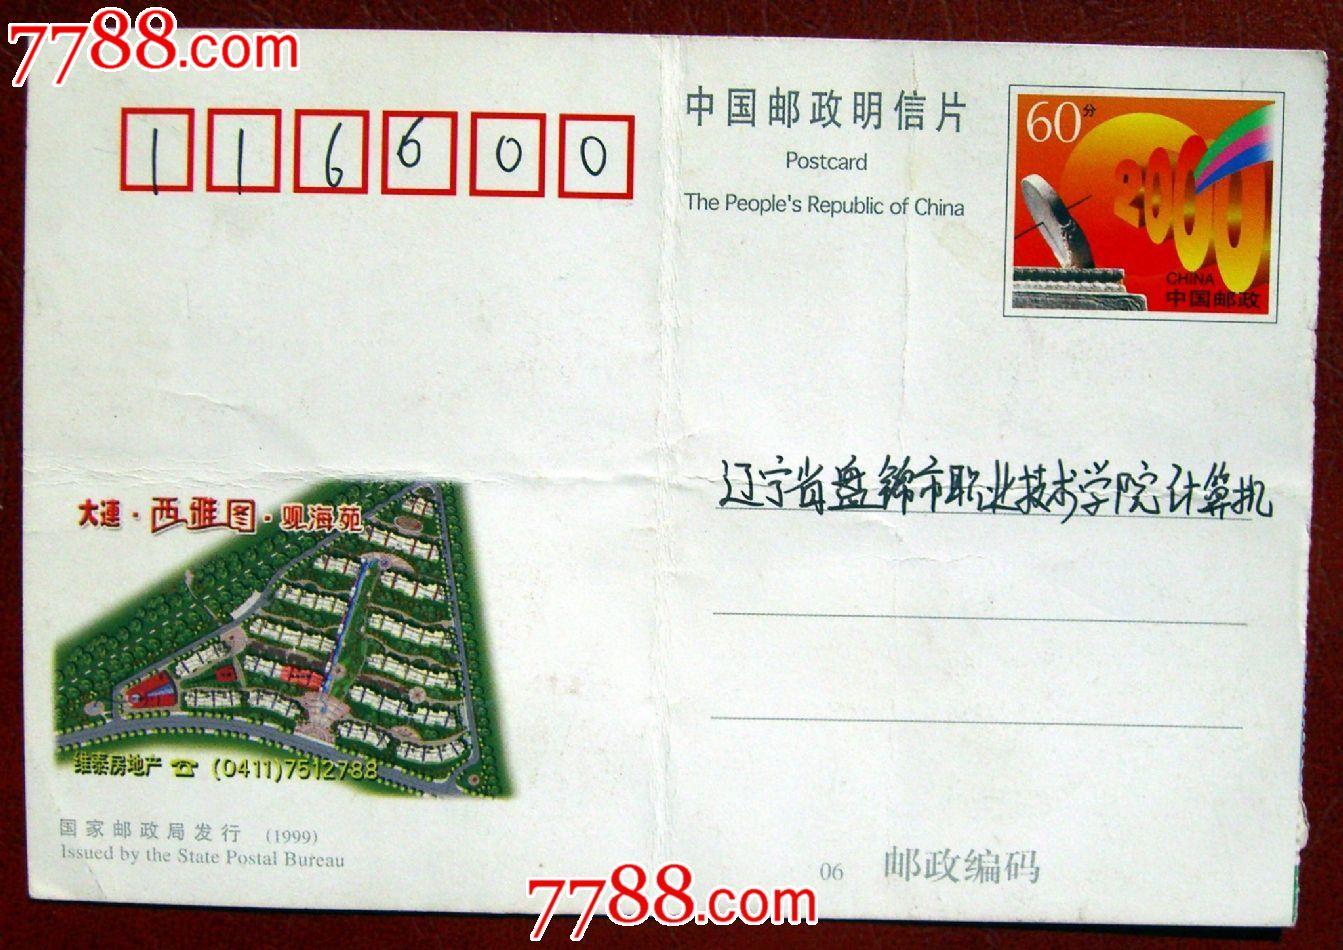 辽宁大连开发区童牛岭风景区-60分中国邮政明信片